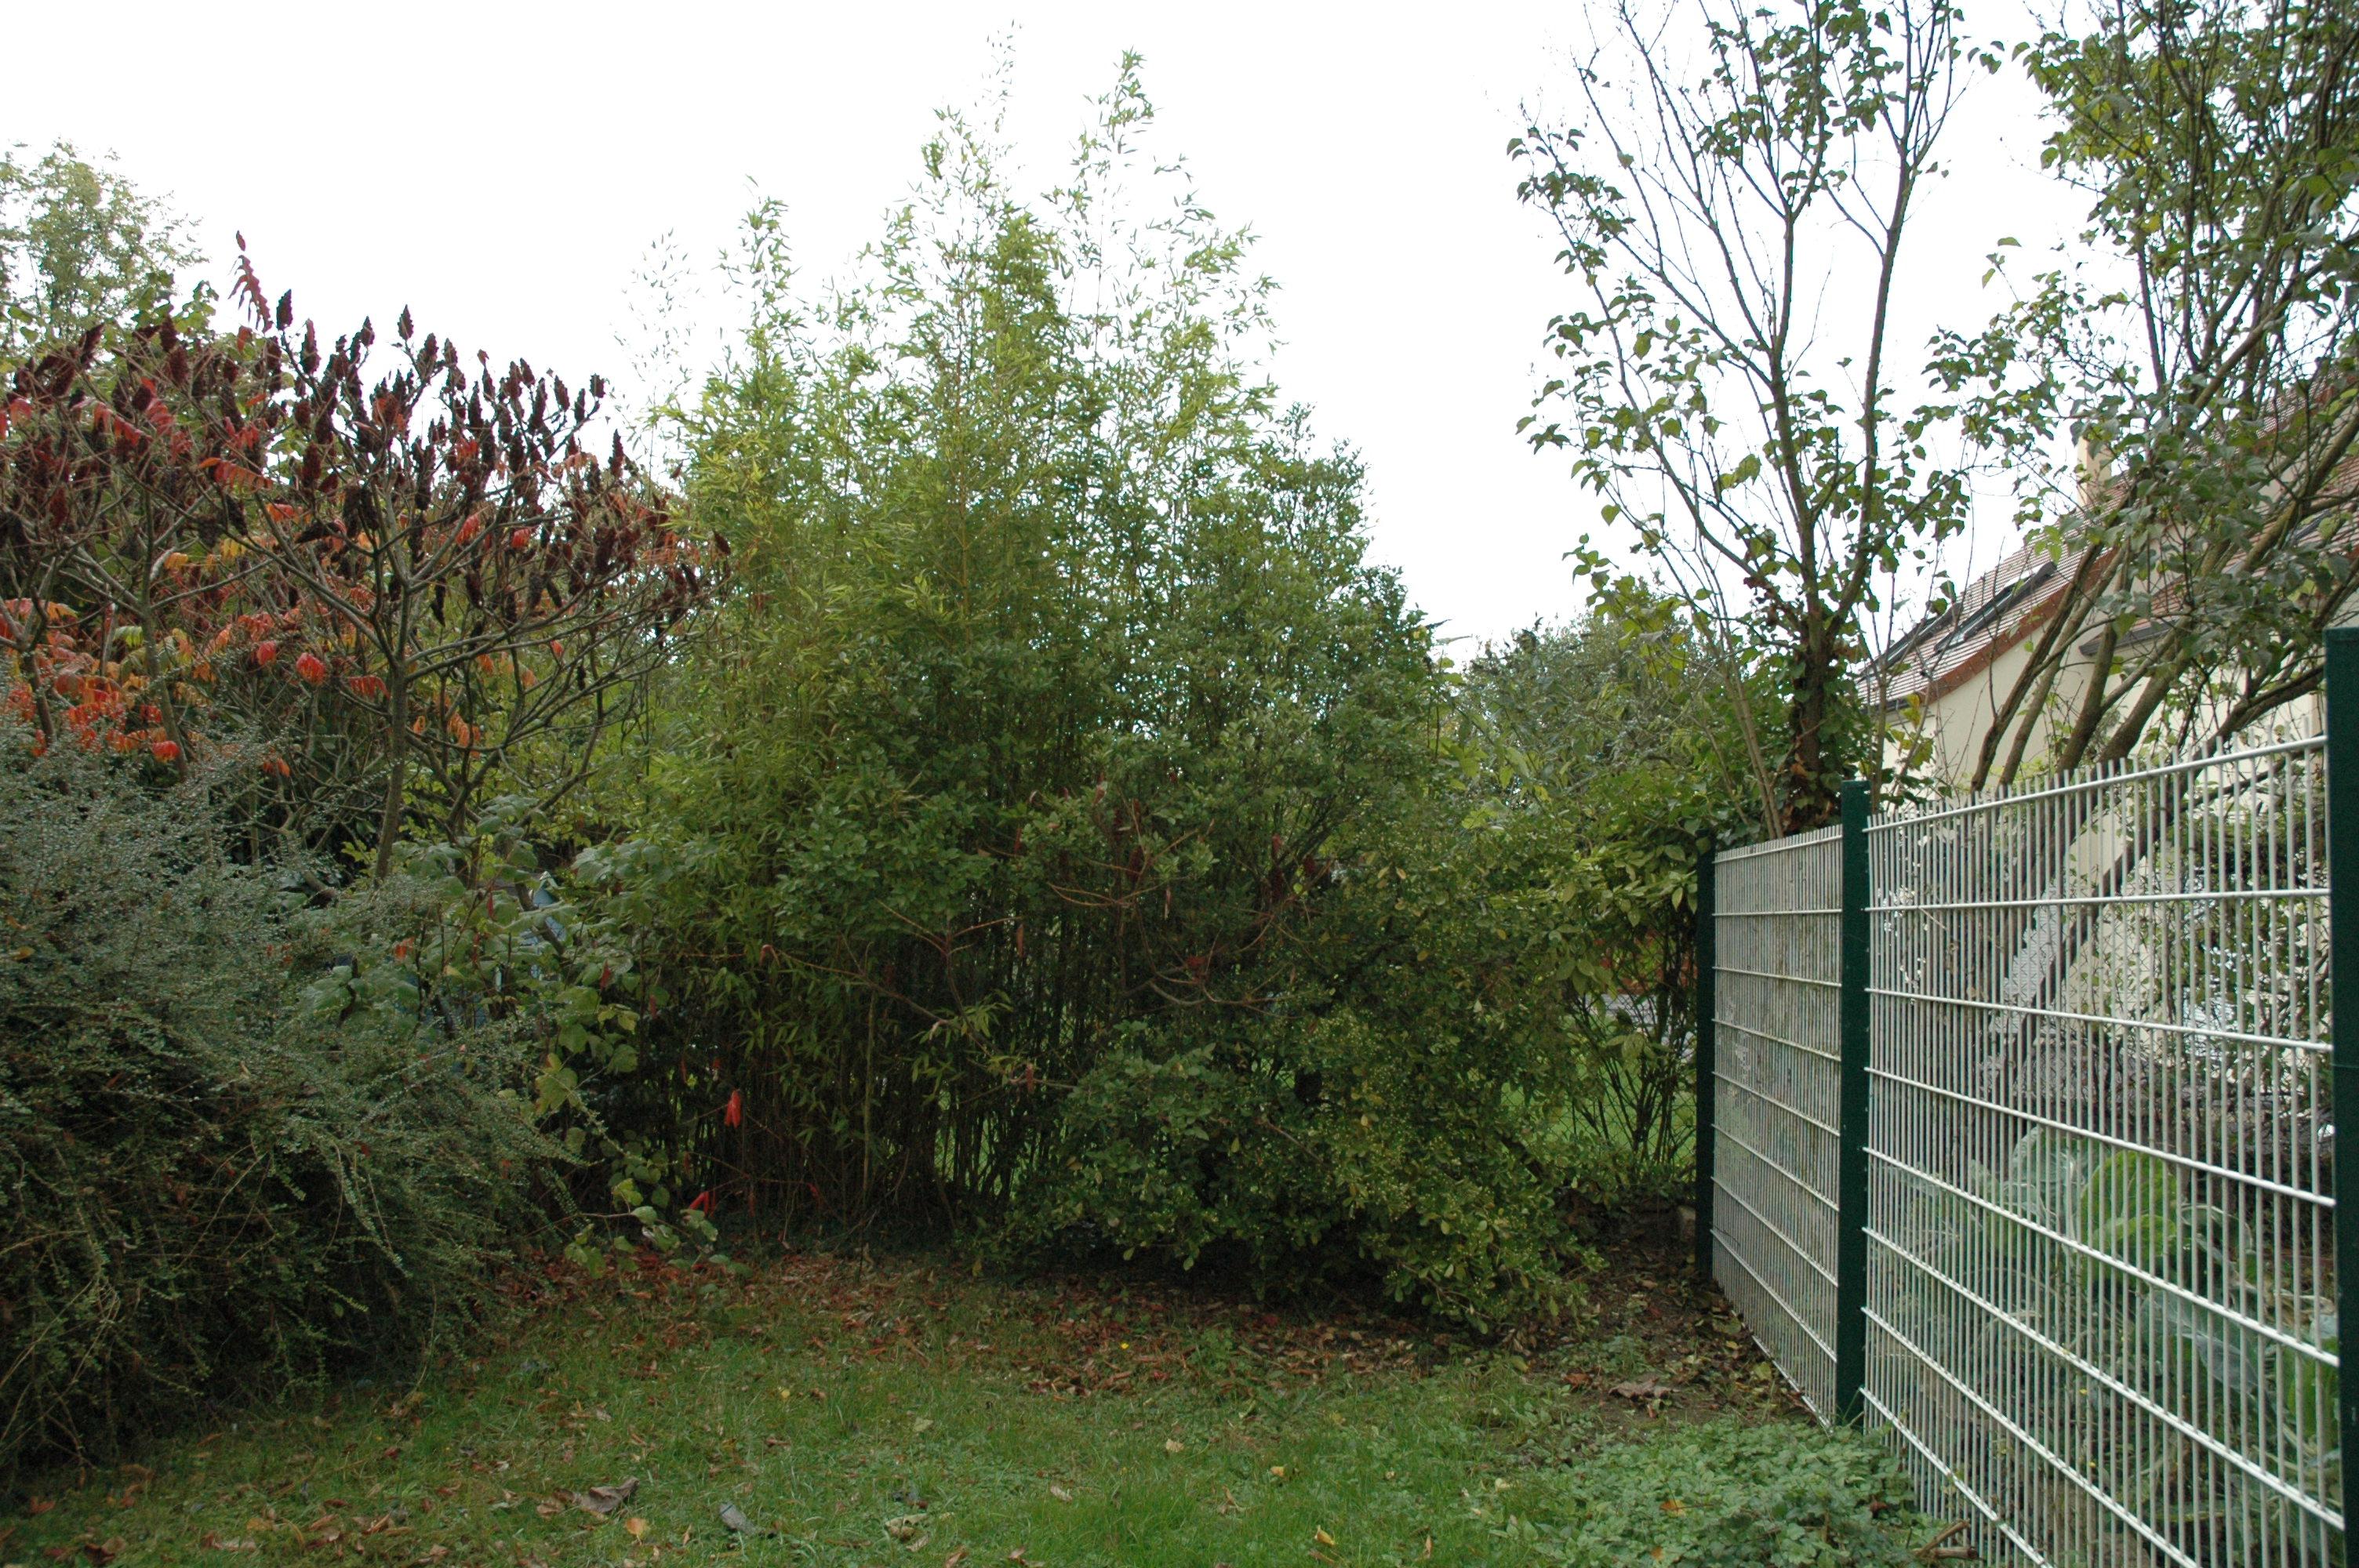 Entretenir son jardin mon jardin banlieusard for Entretenir jardin